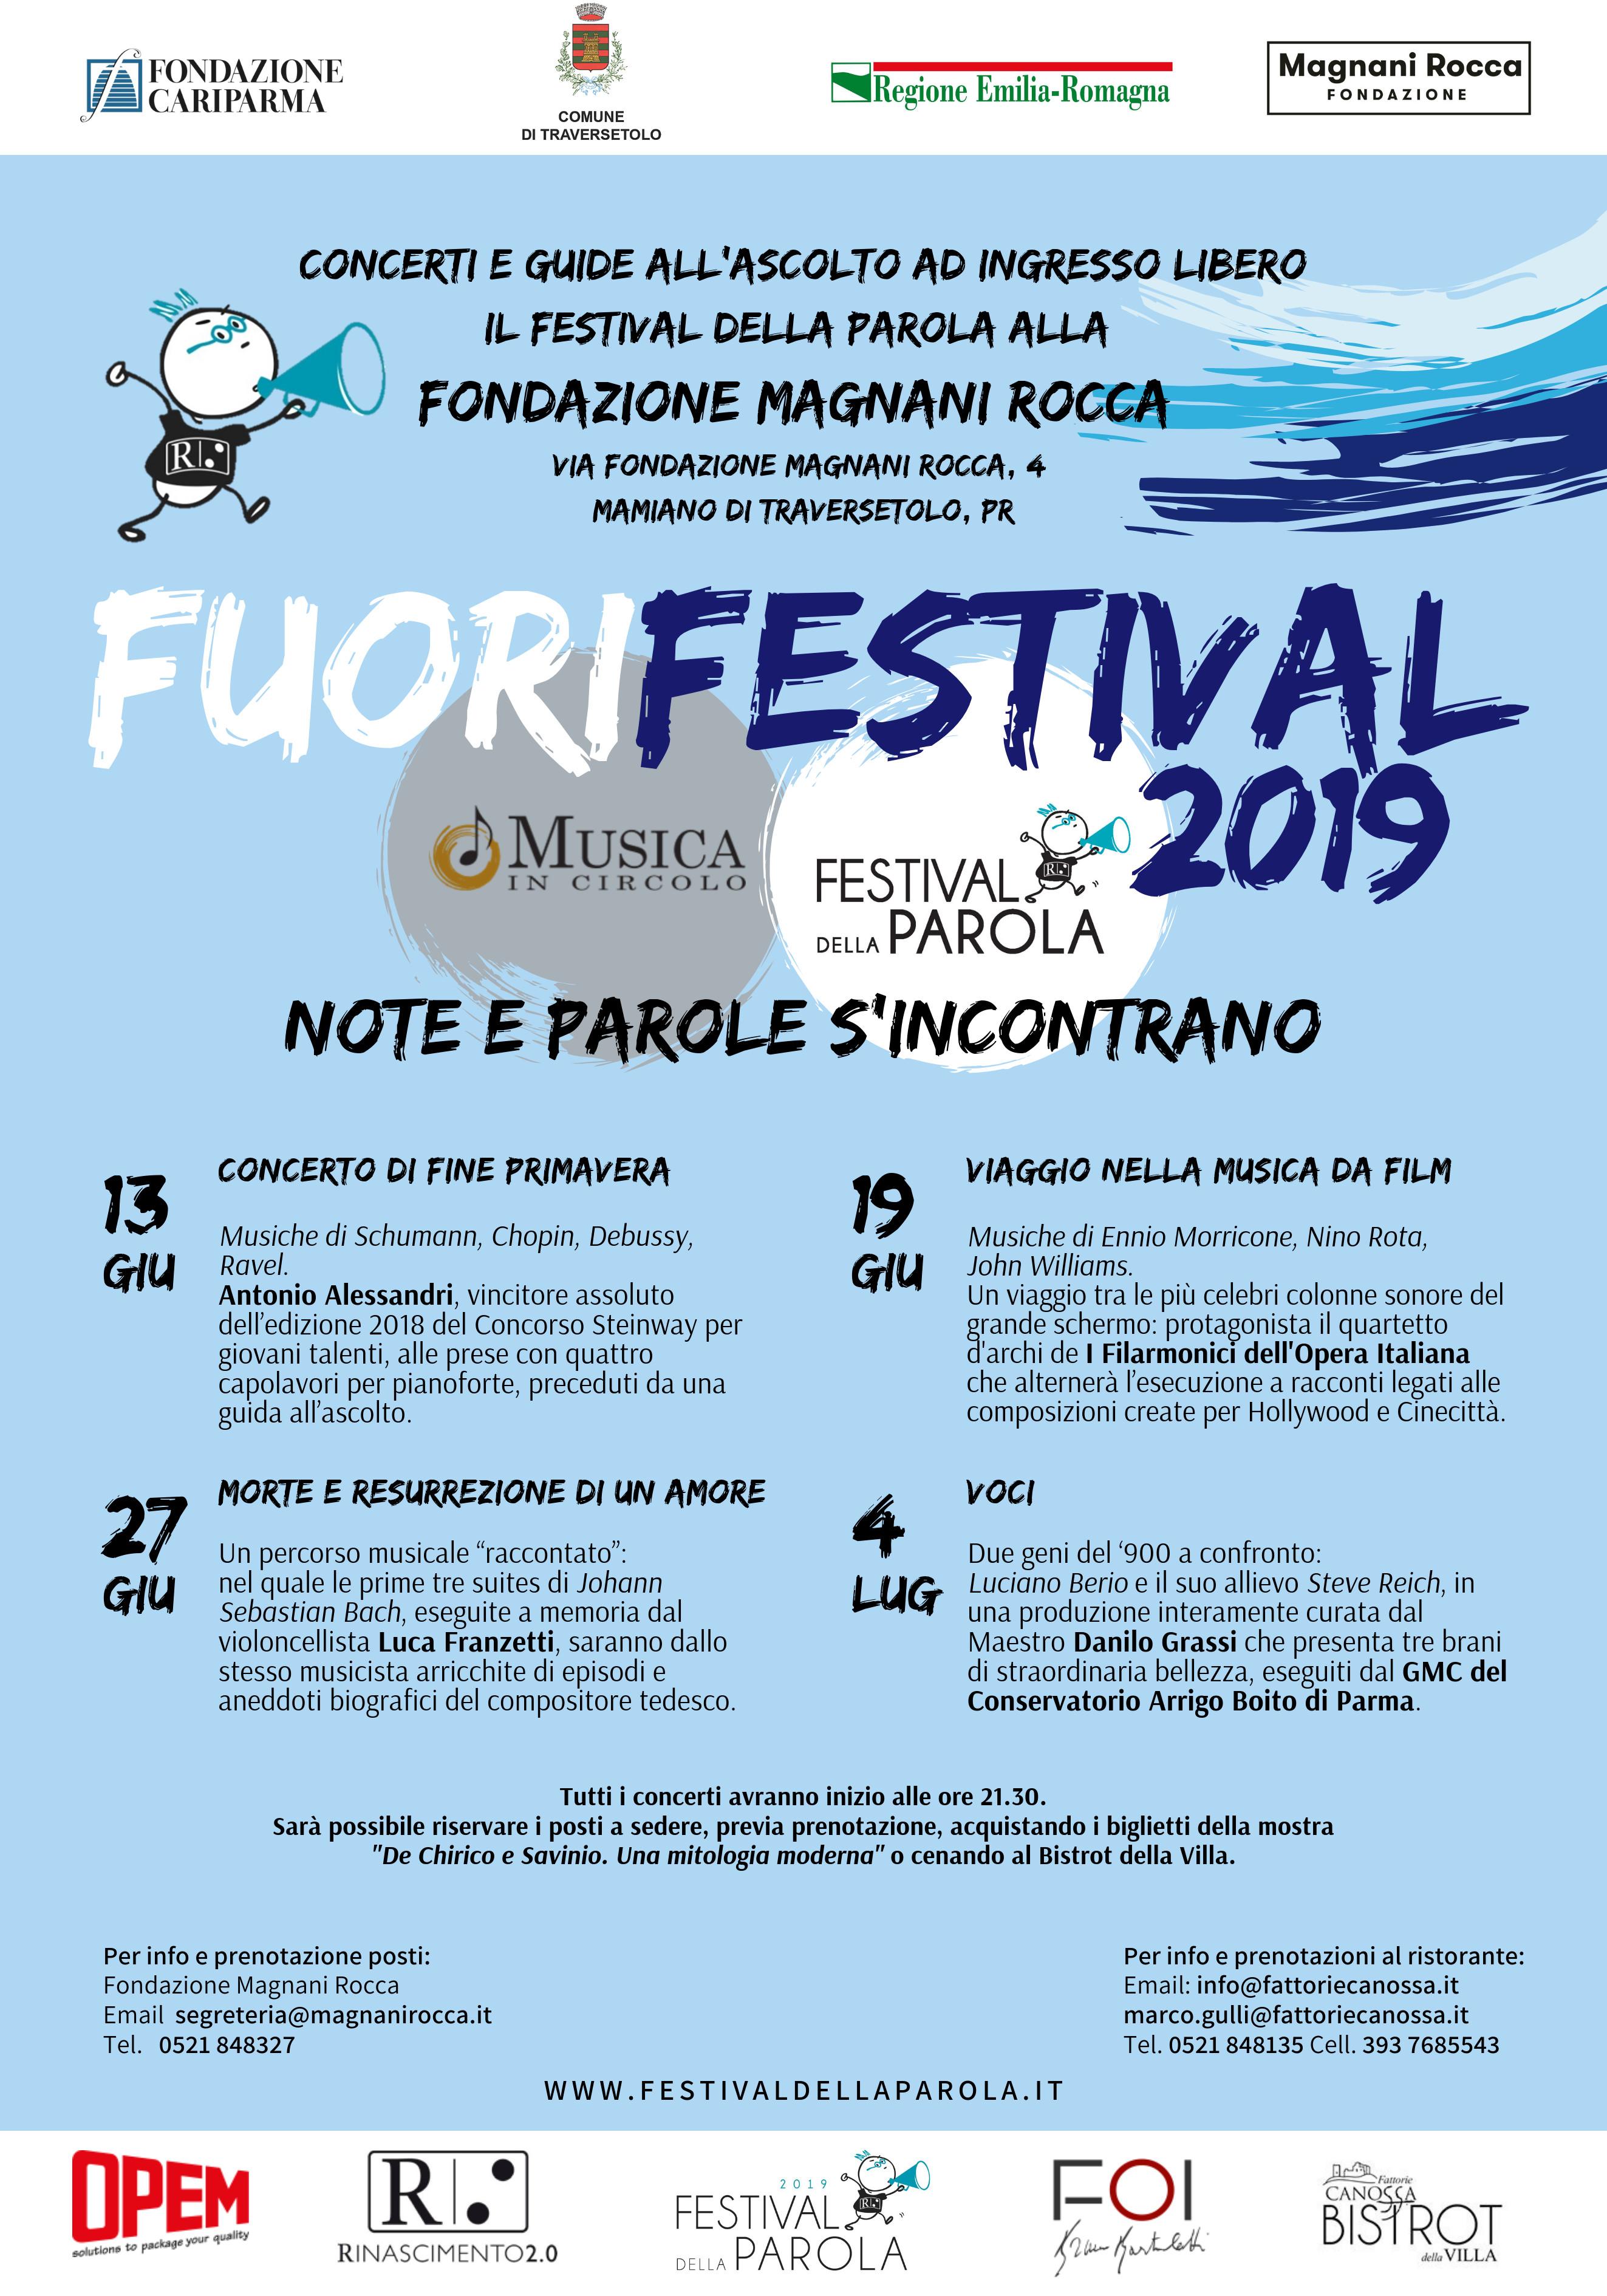 FUORIFESTIVAL - NOTE E PAROLE S'INCONTRANO  Il Festival della Parola alla Fondazione Magnani Rocca